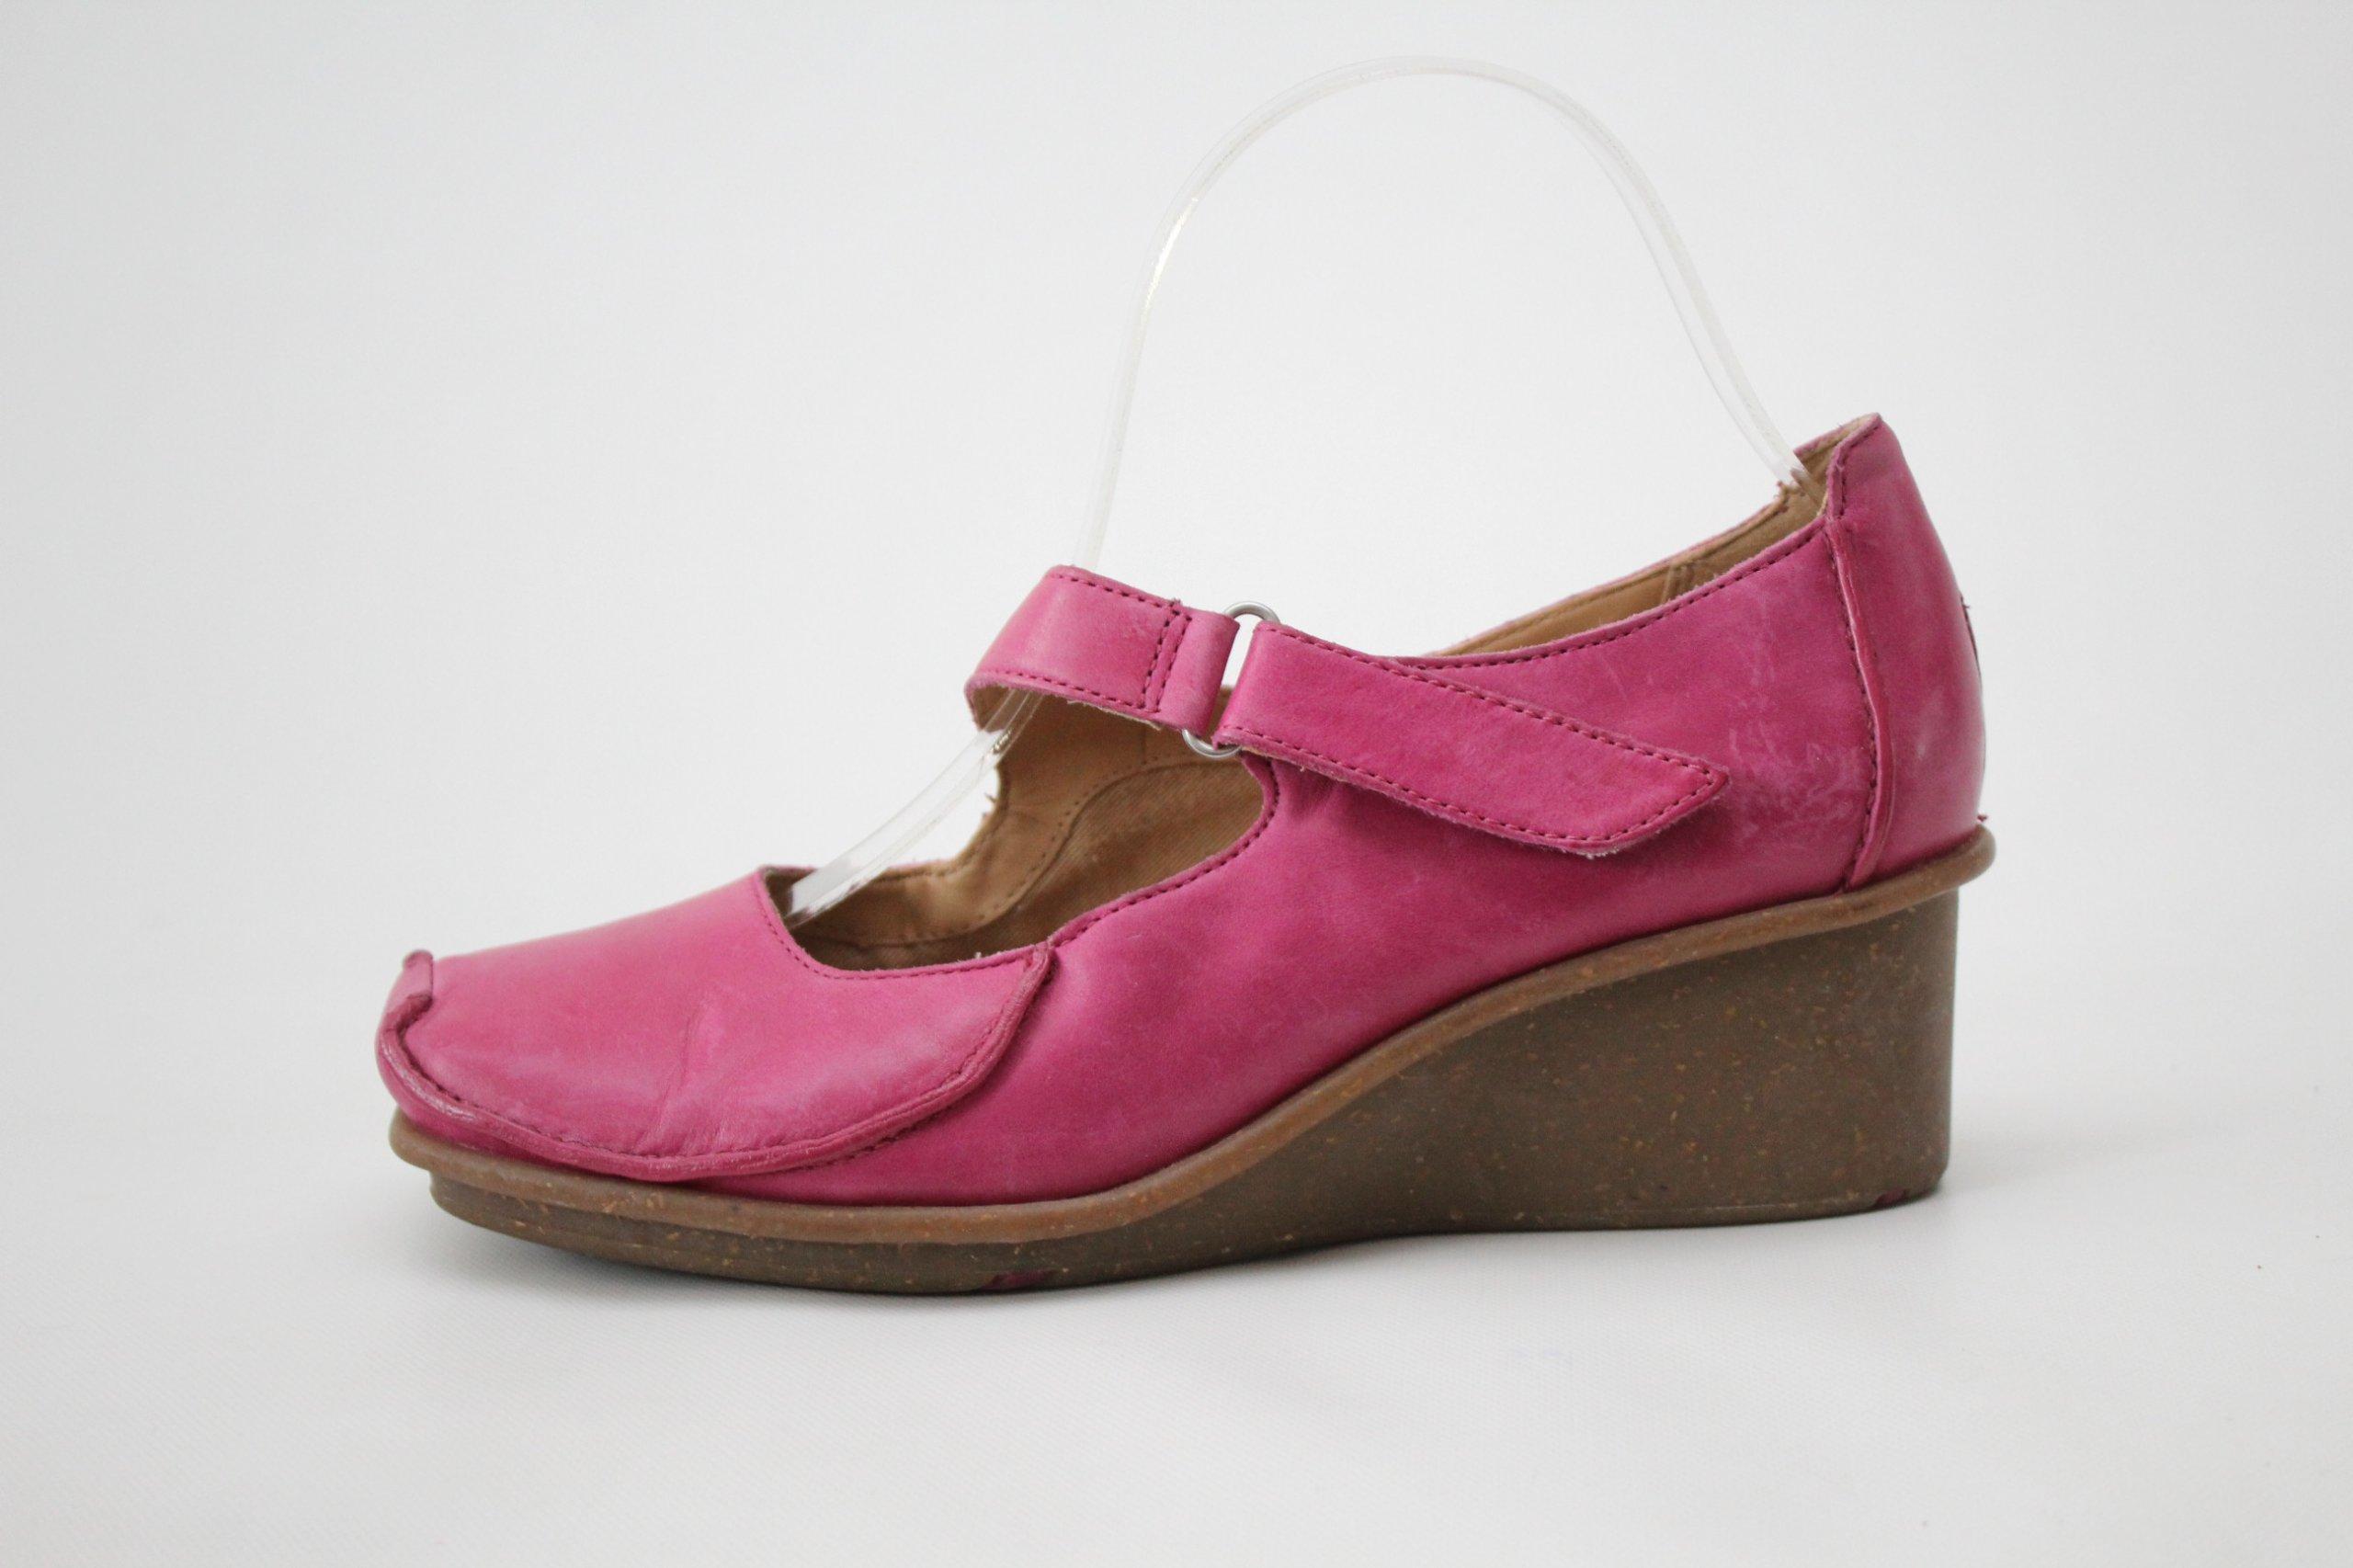 723dc722 CLARKS - skórzane czółenka buty r. 39 (25 cm) - 7228475644 ...